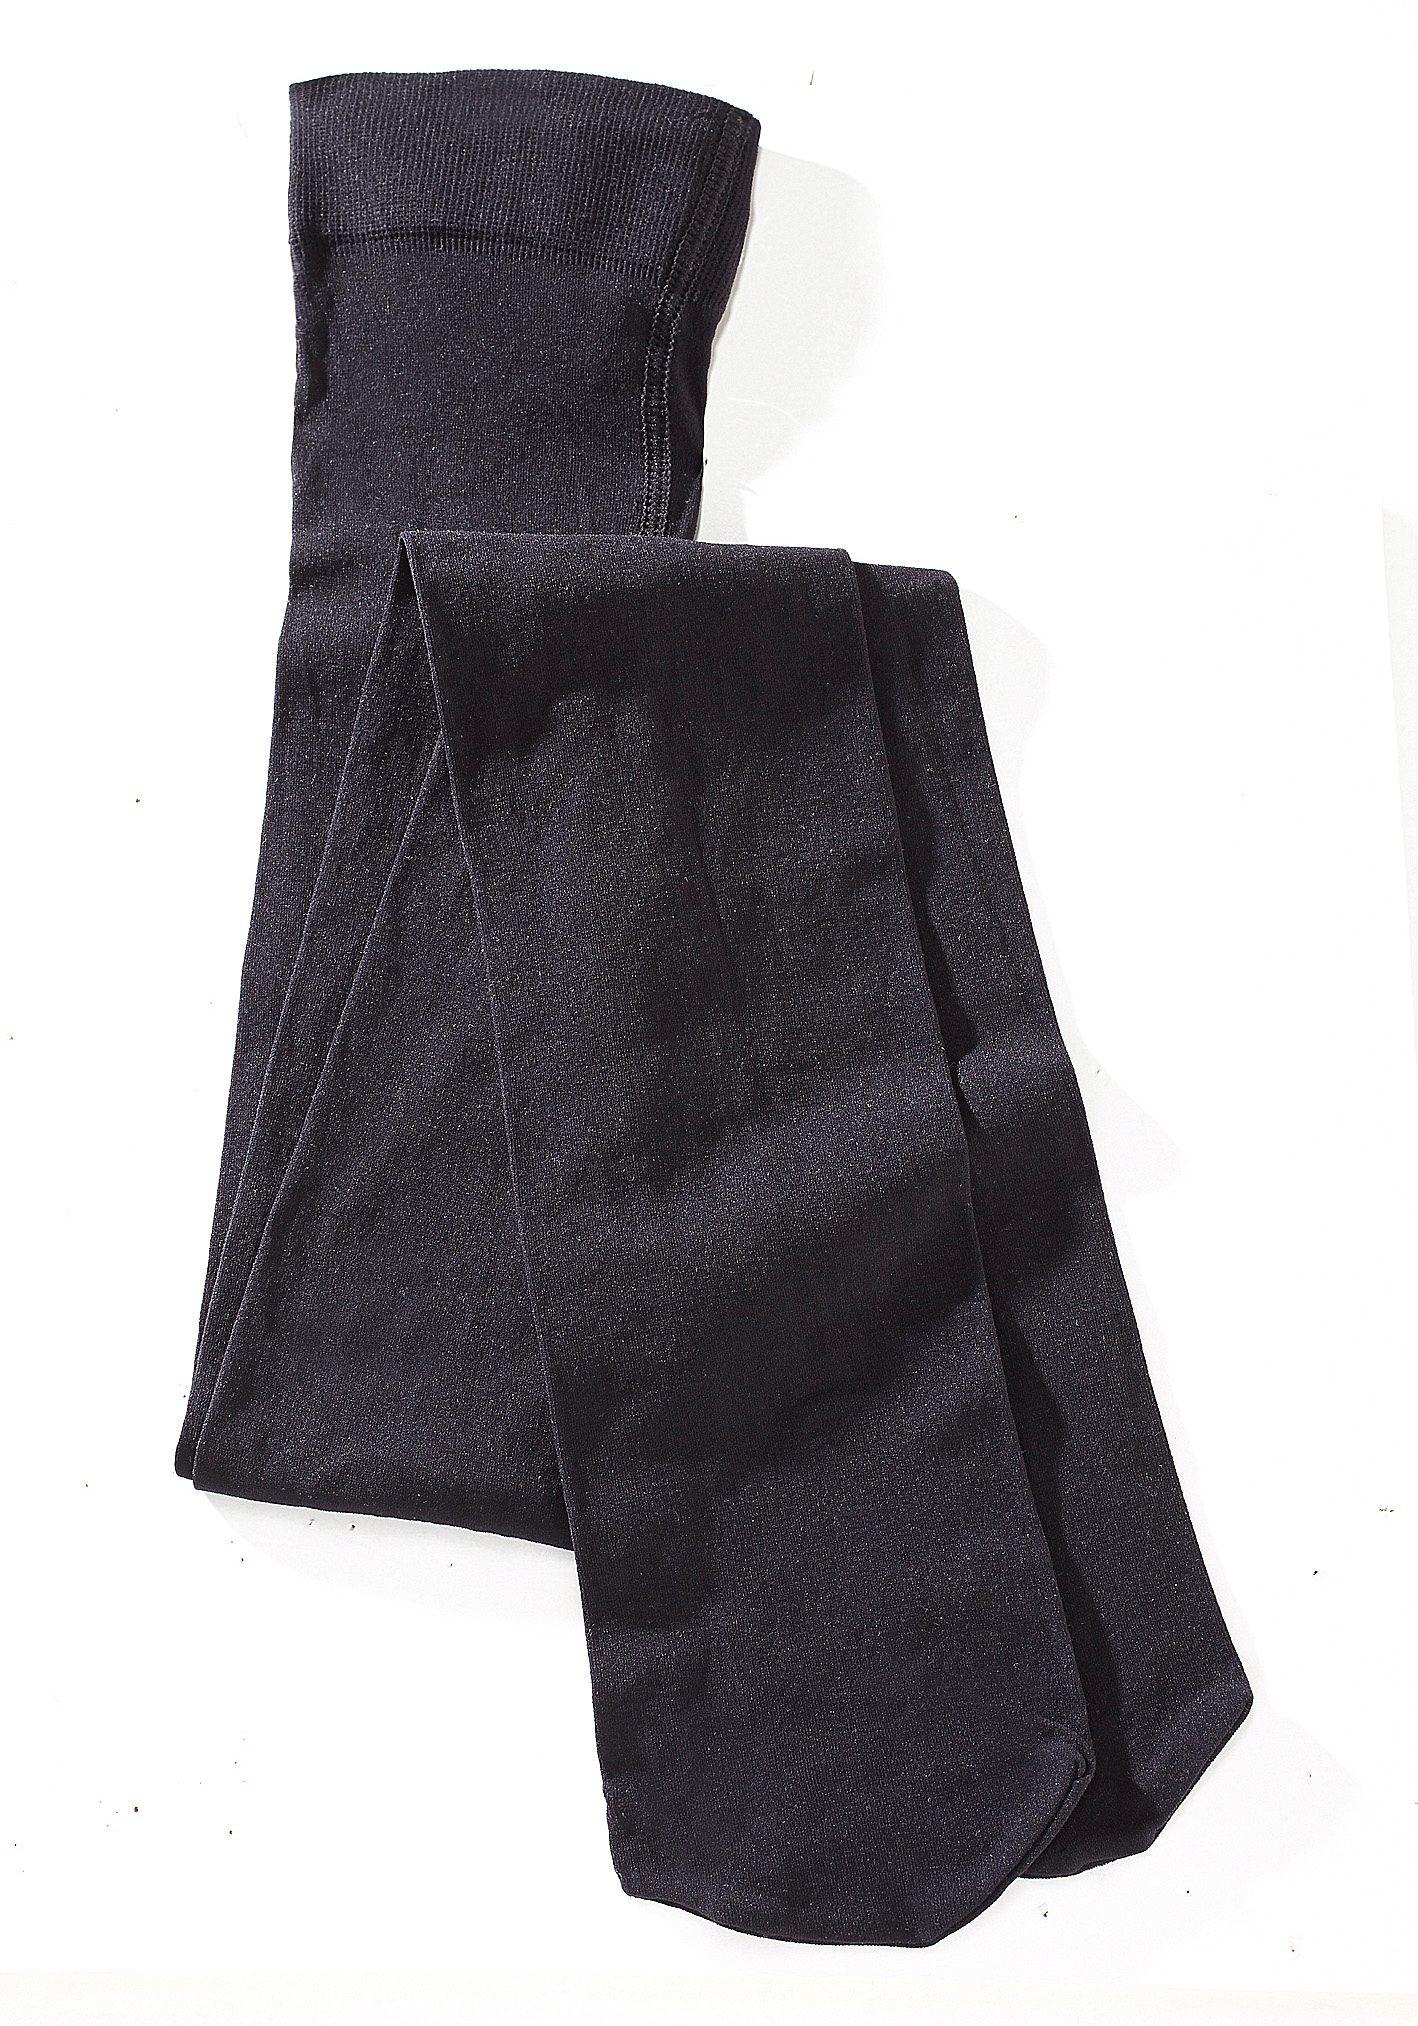 Feinstrumpfhose (Packung 2 Stück) schwarz 128/134,140/146,152/158,164/170,176/182